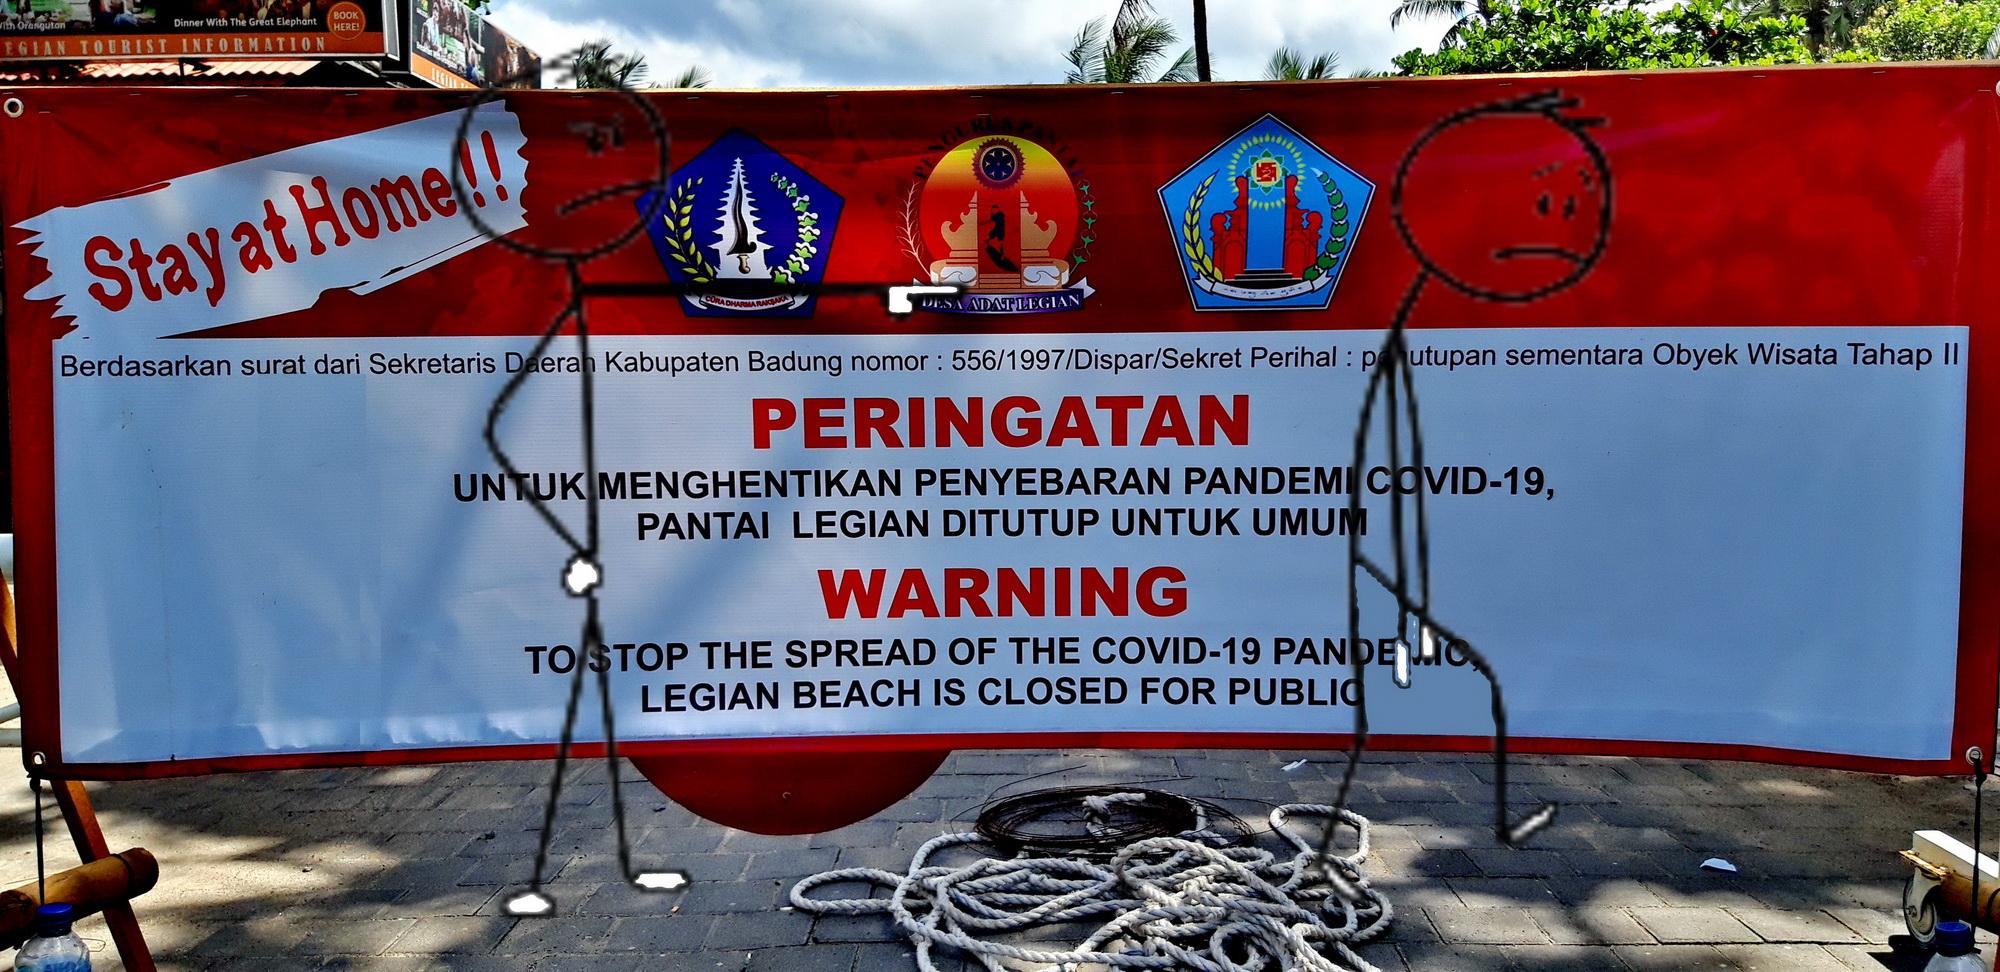 warning kuta